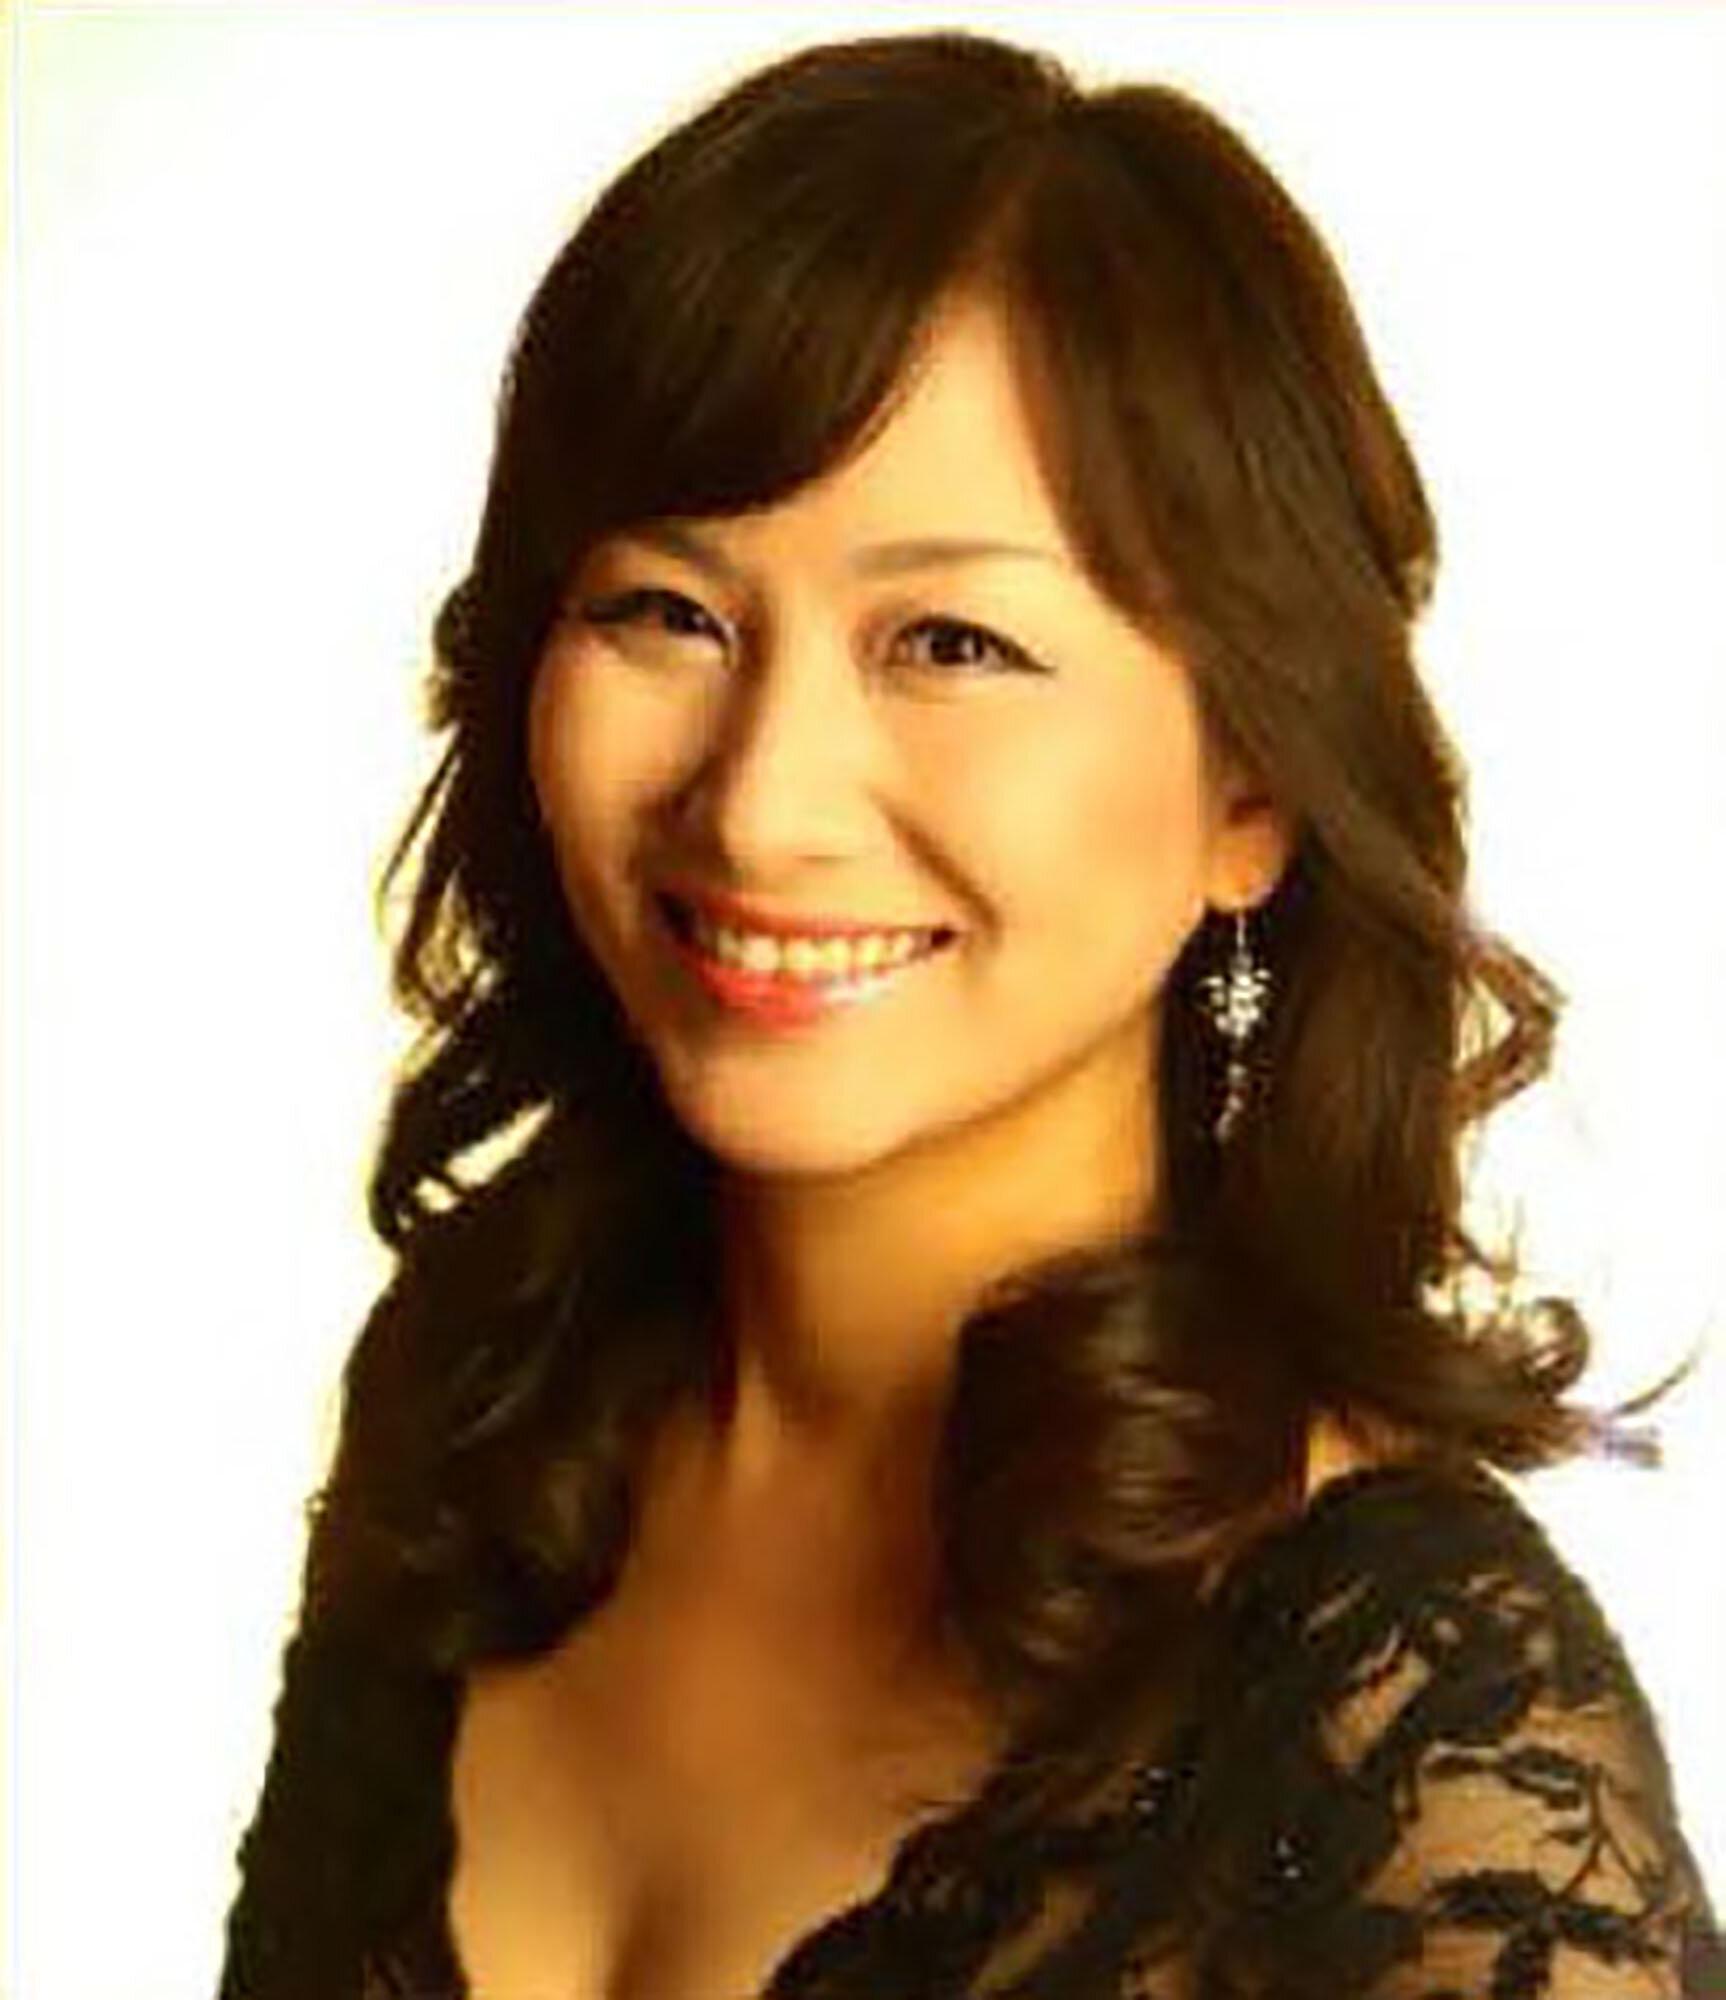 Eunmi Shin